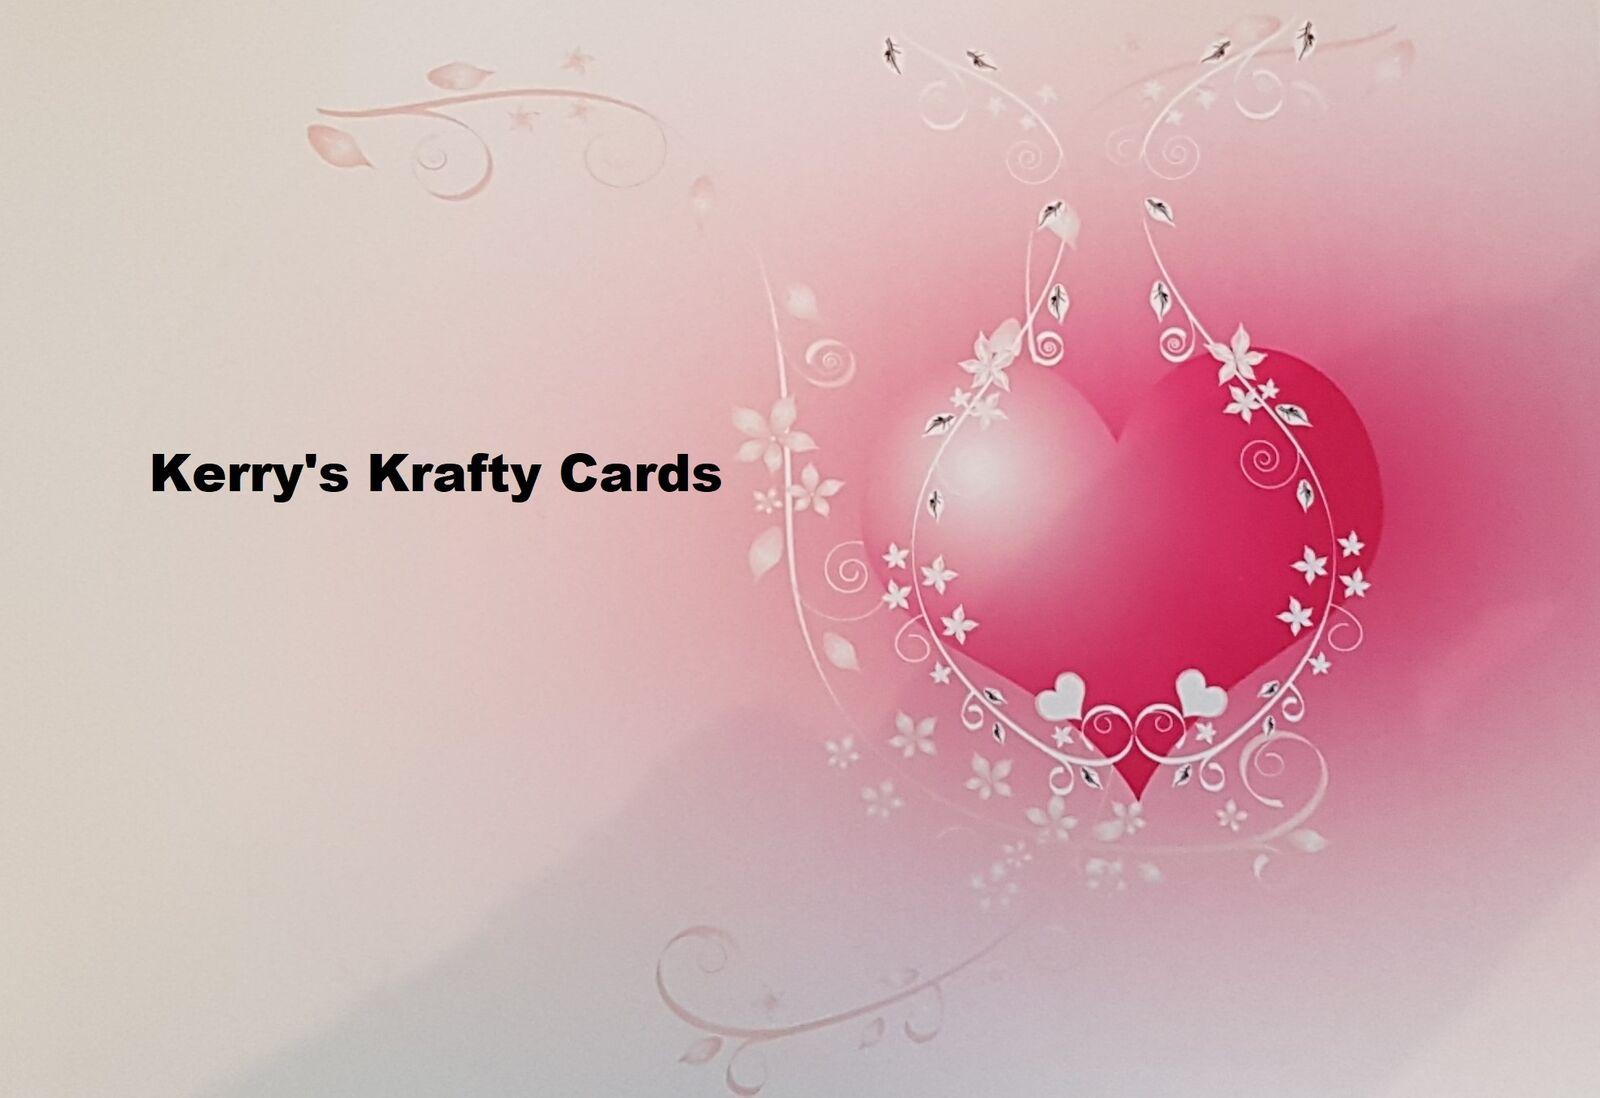 Kerry's Krafty Cards